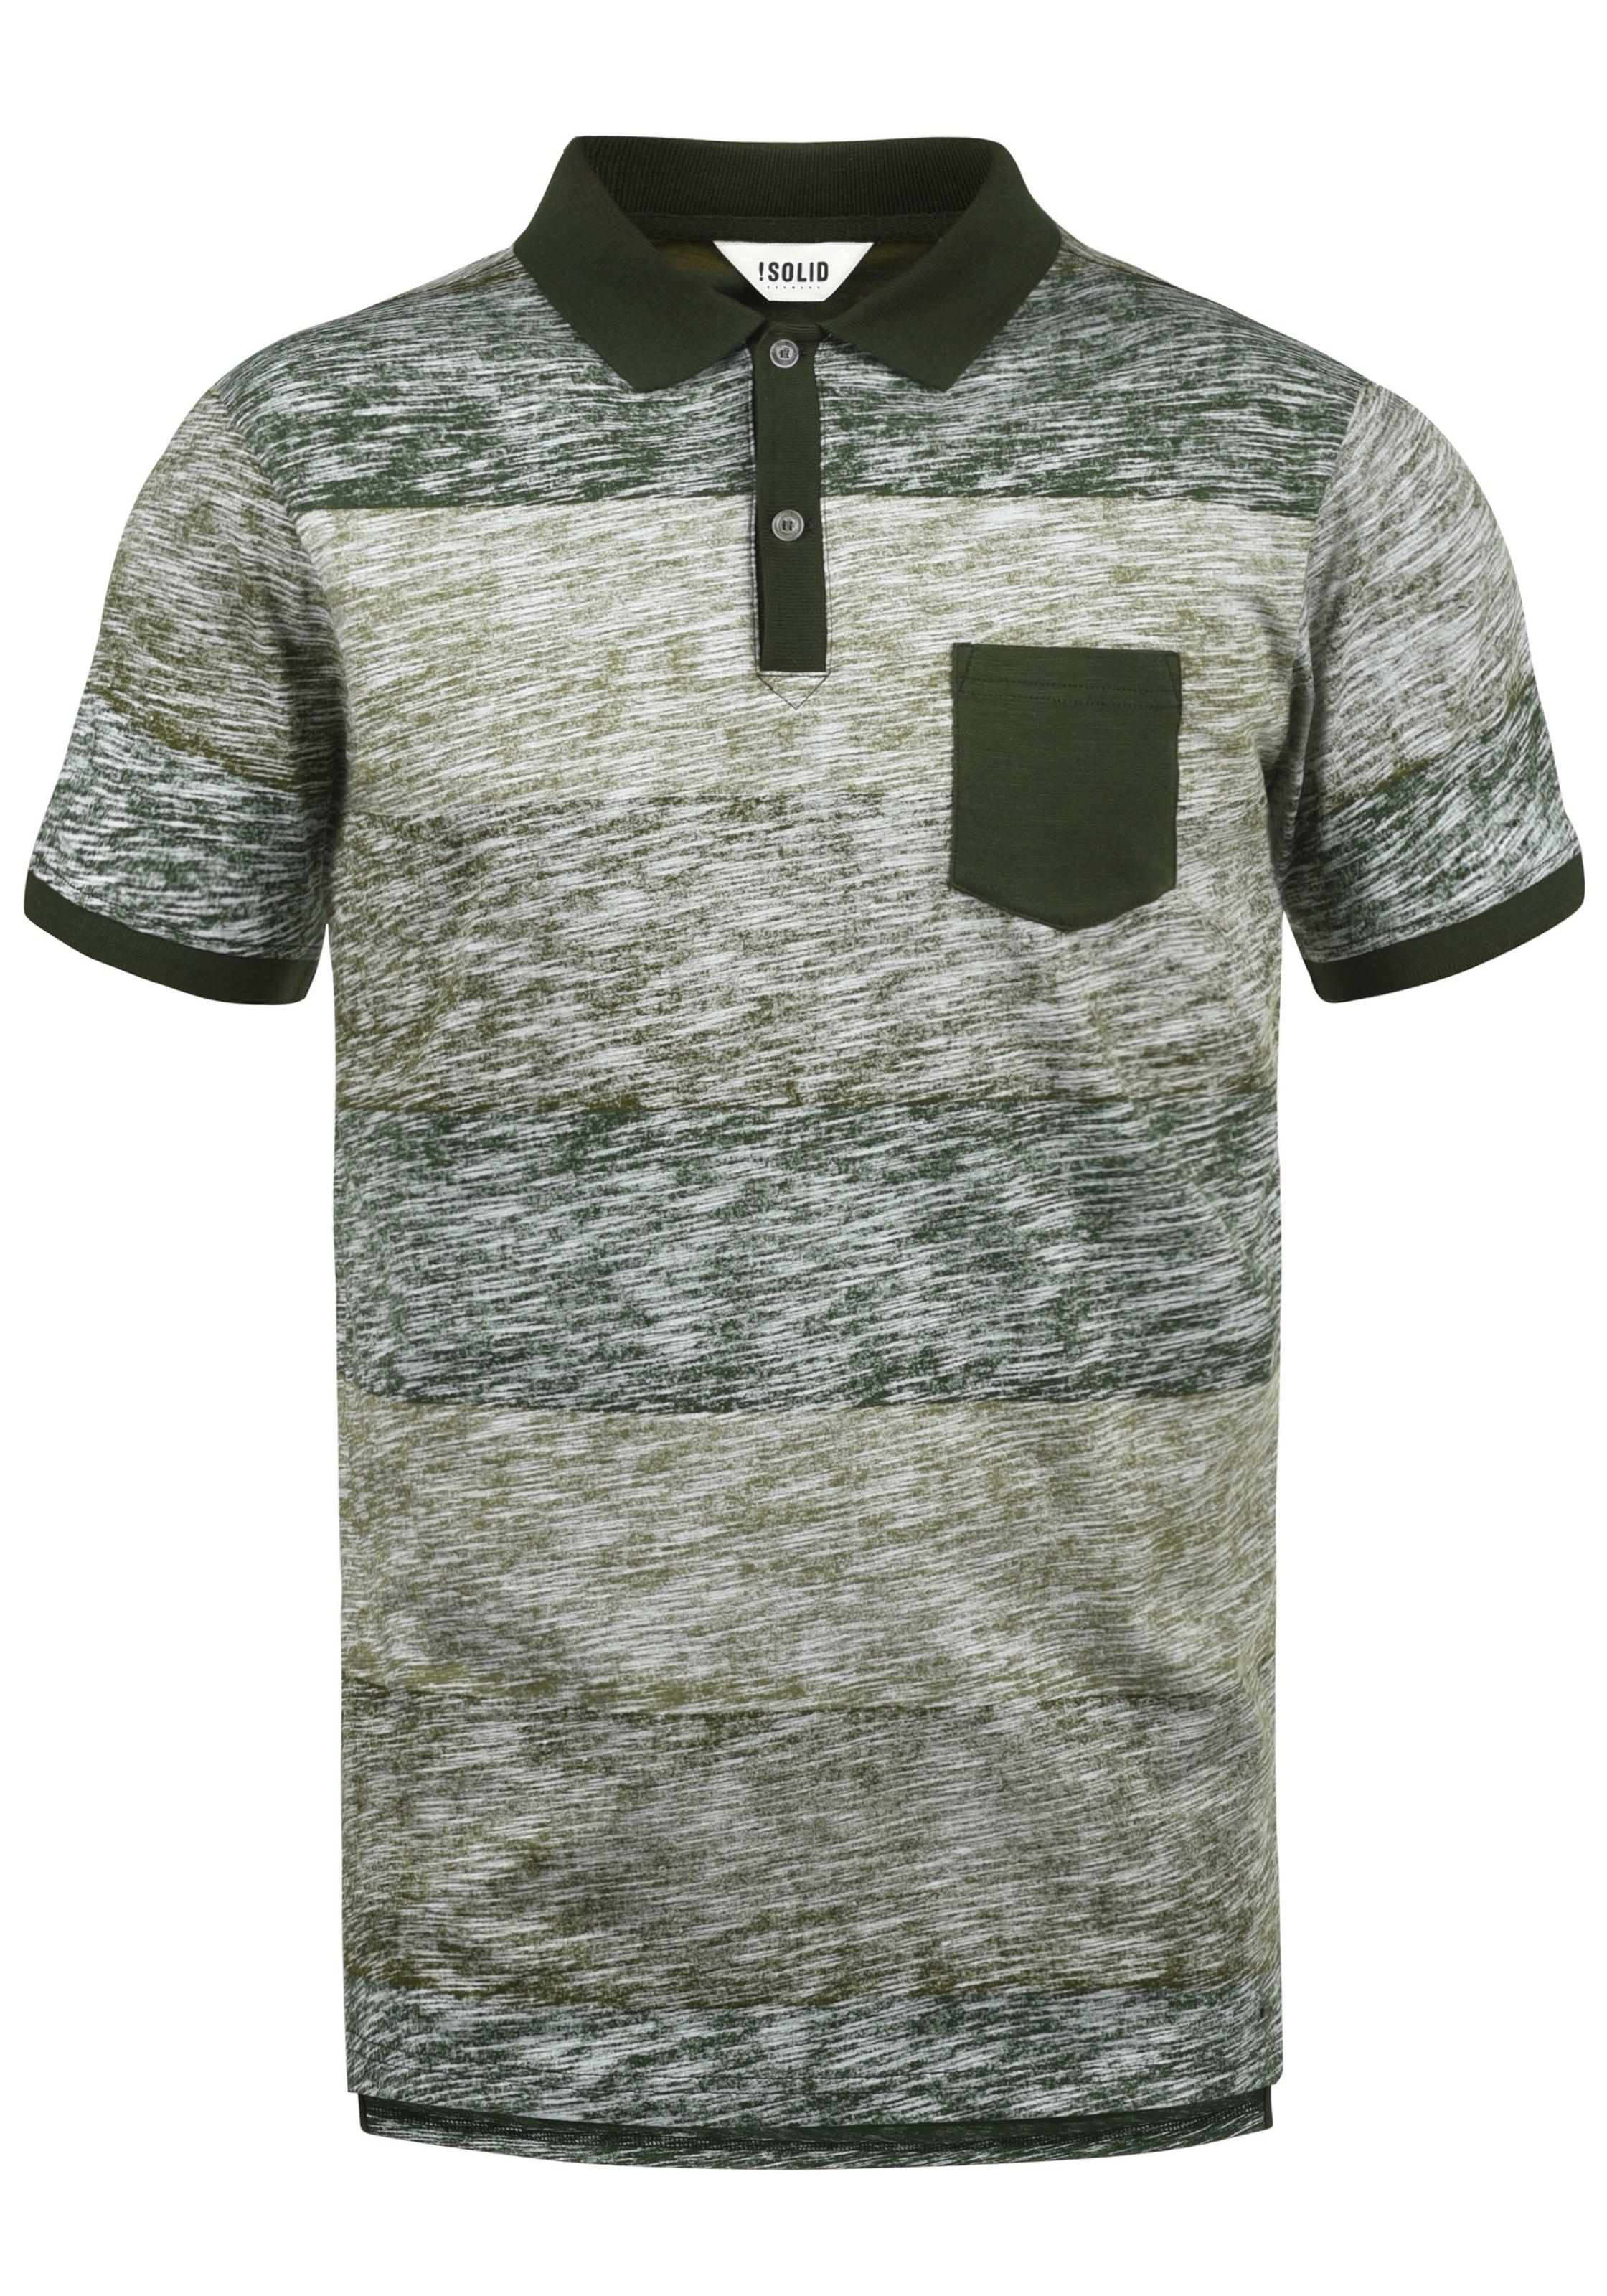 Poloshirt Poloshirt In Grün Grün In In 'teino' 'teino' 'teino' Poloshirt solid solid solid OiXkuPZ